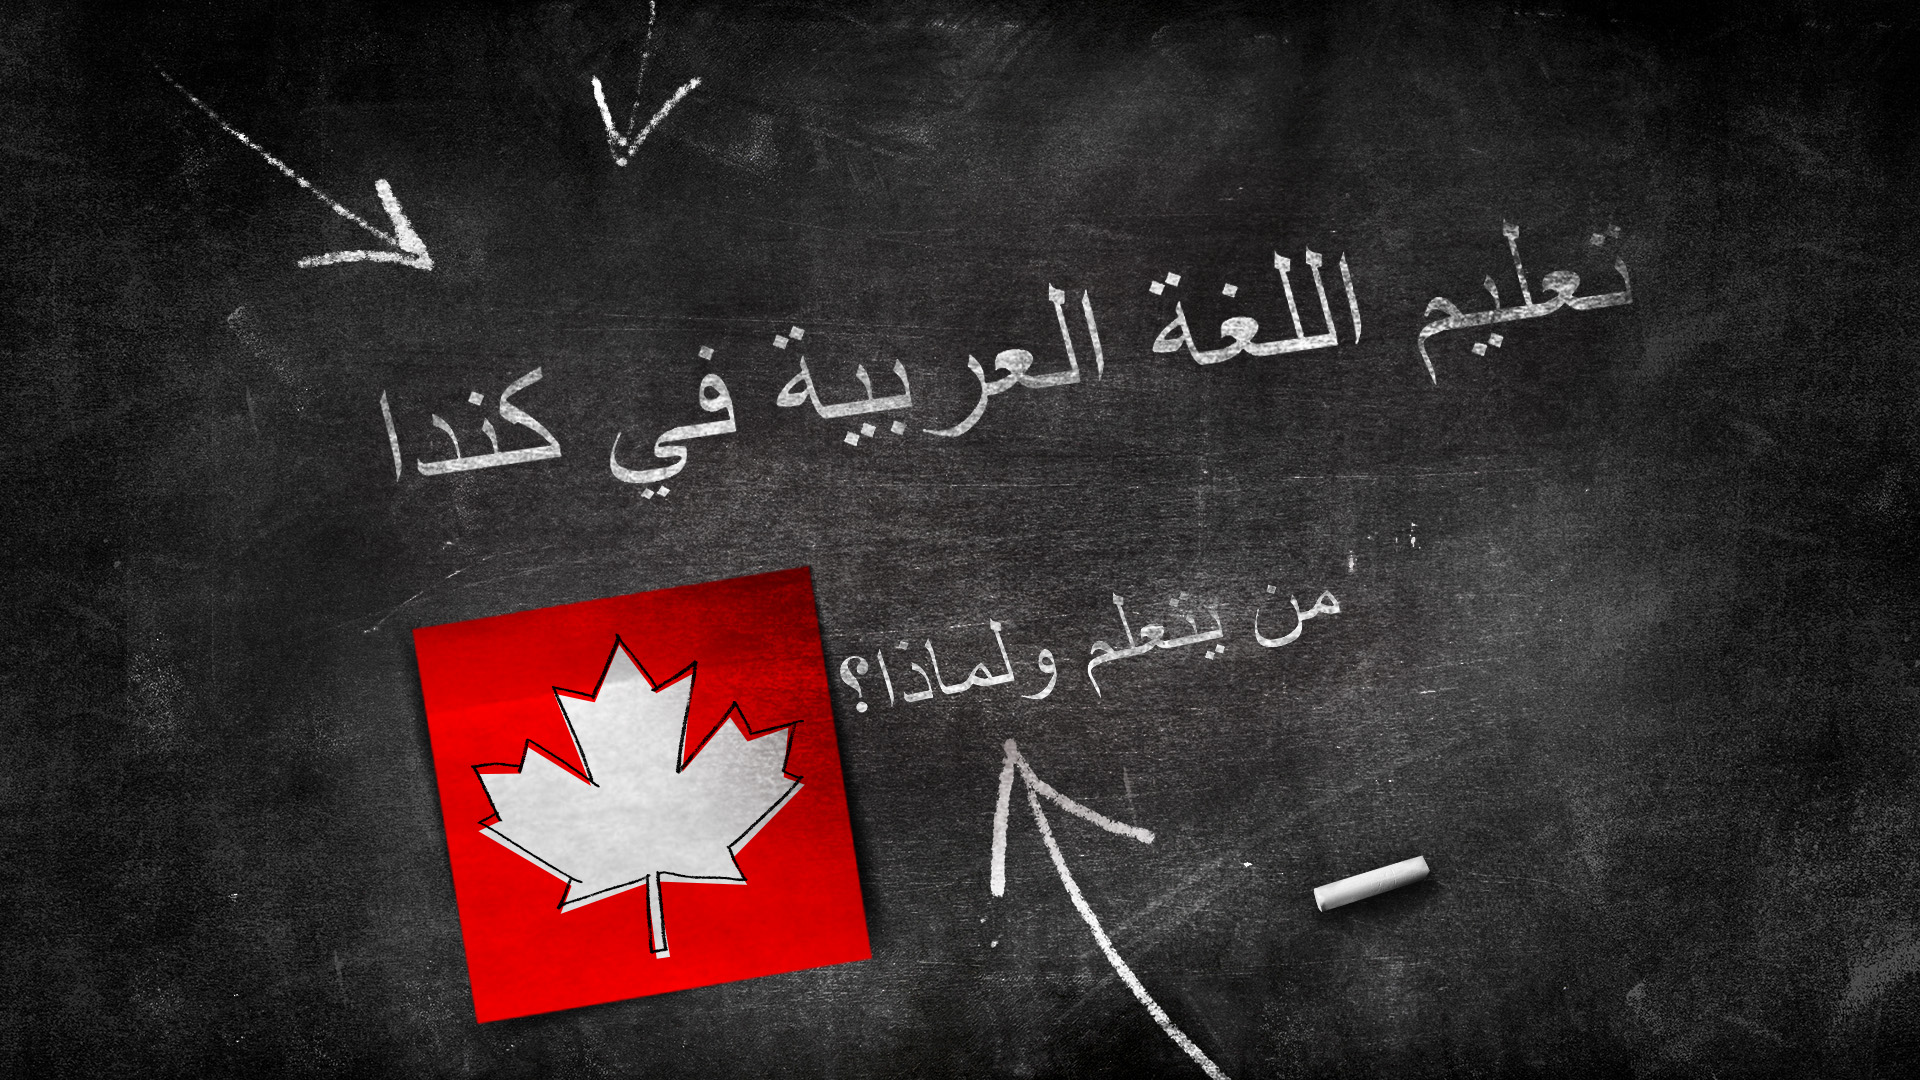 تعليم اللغة العربيّة في كندا